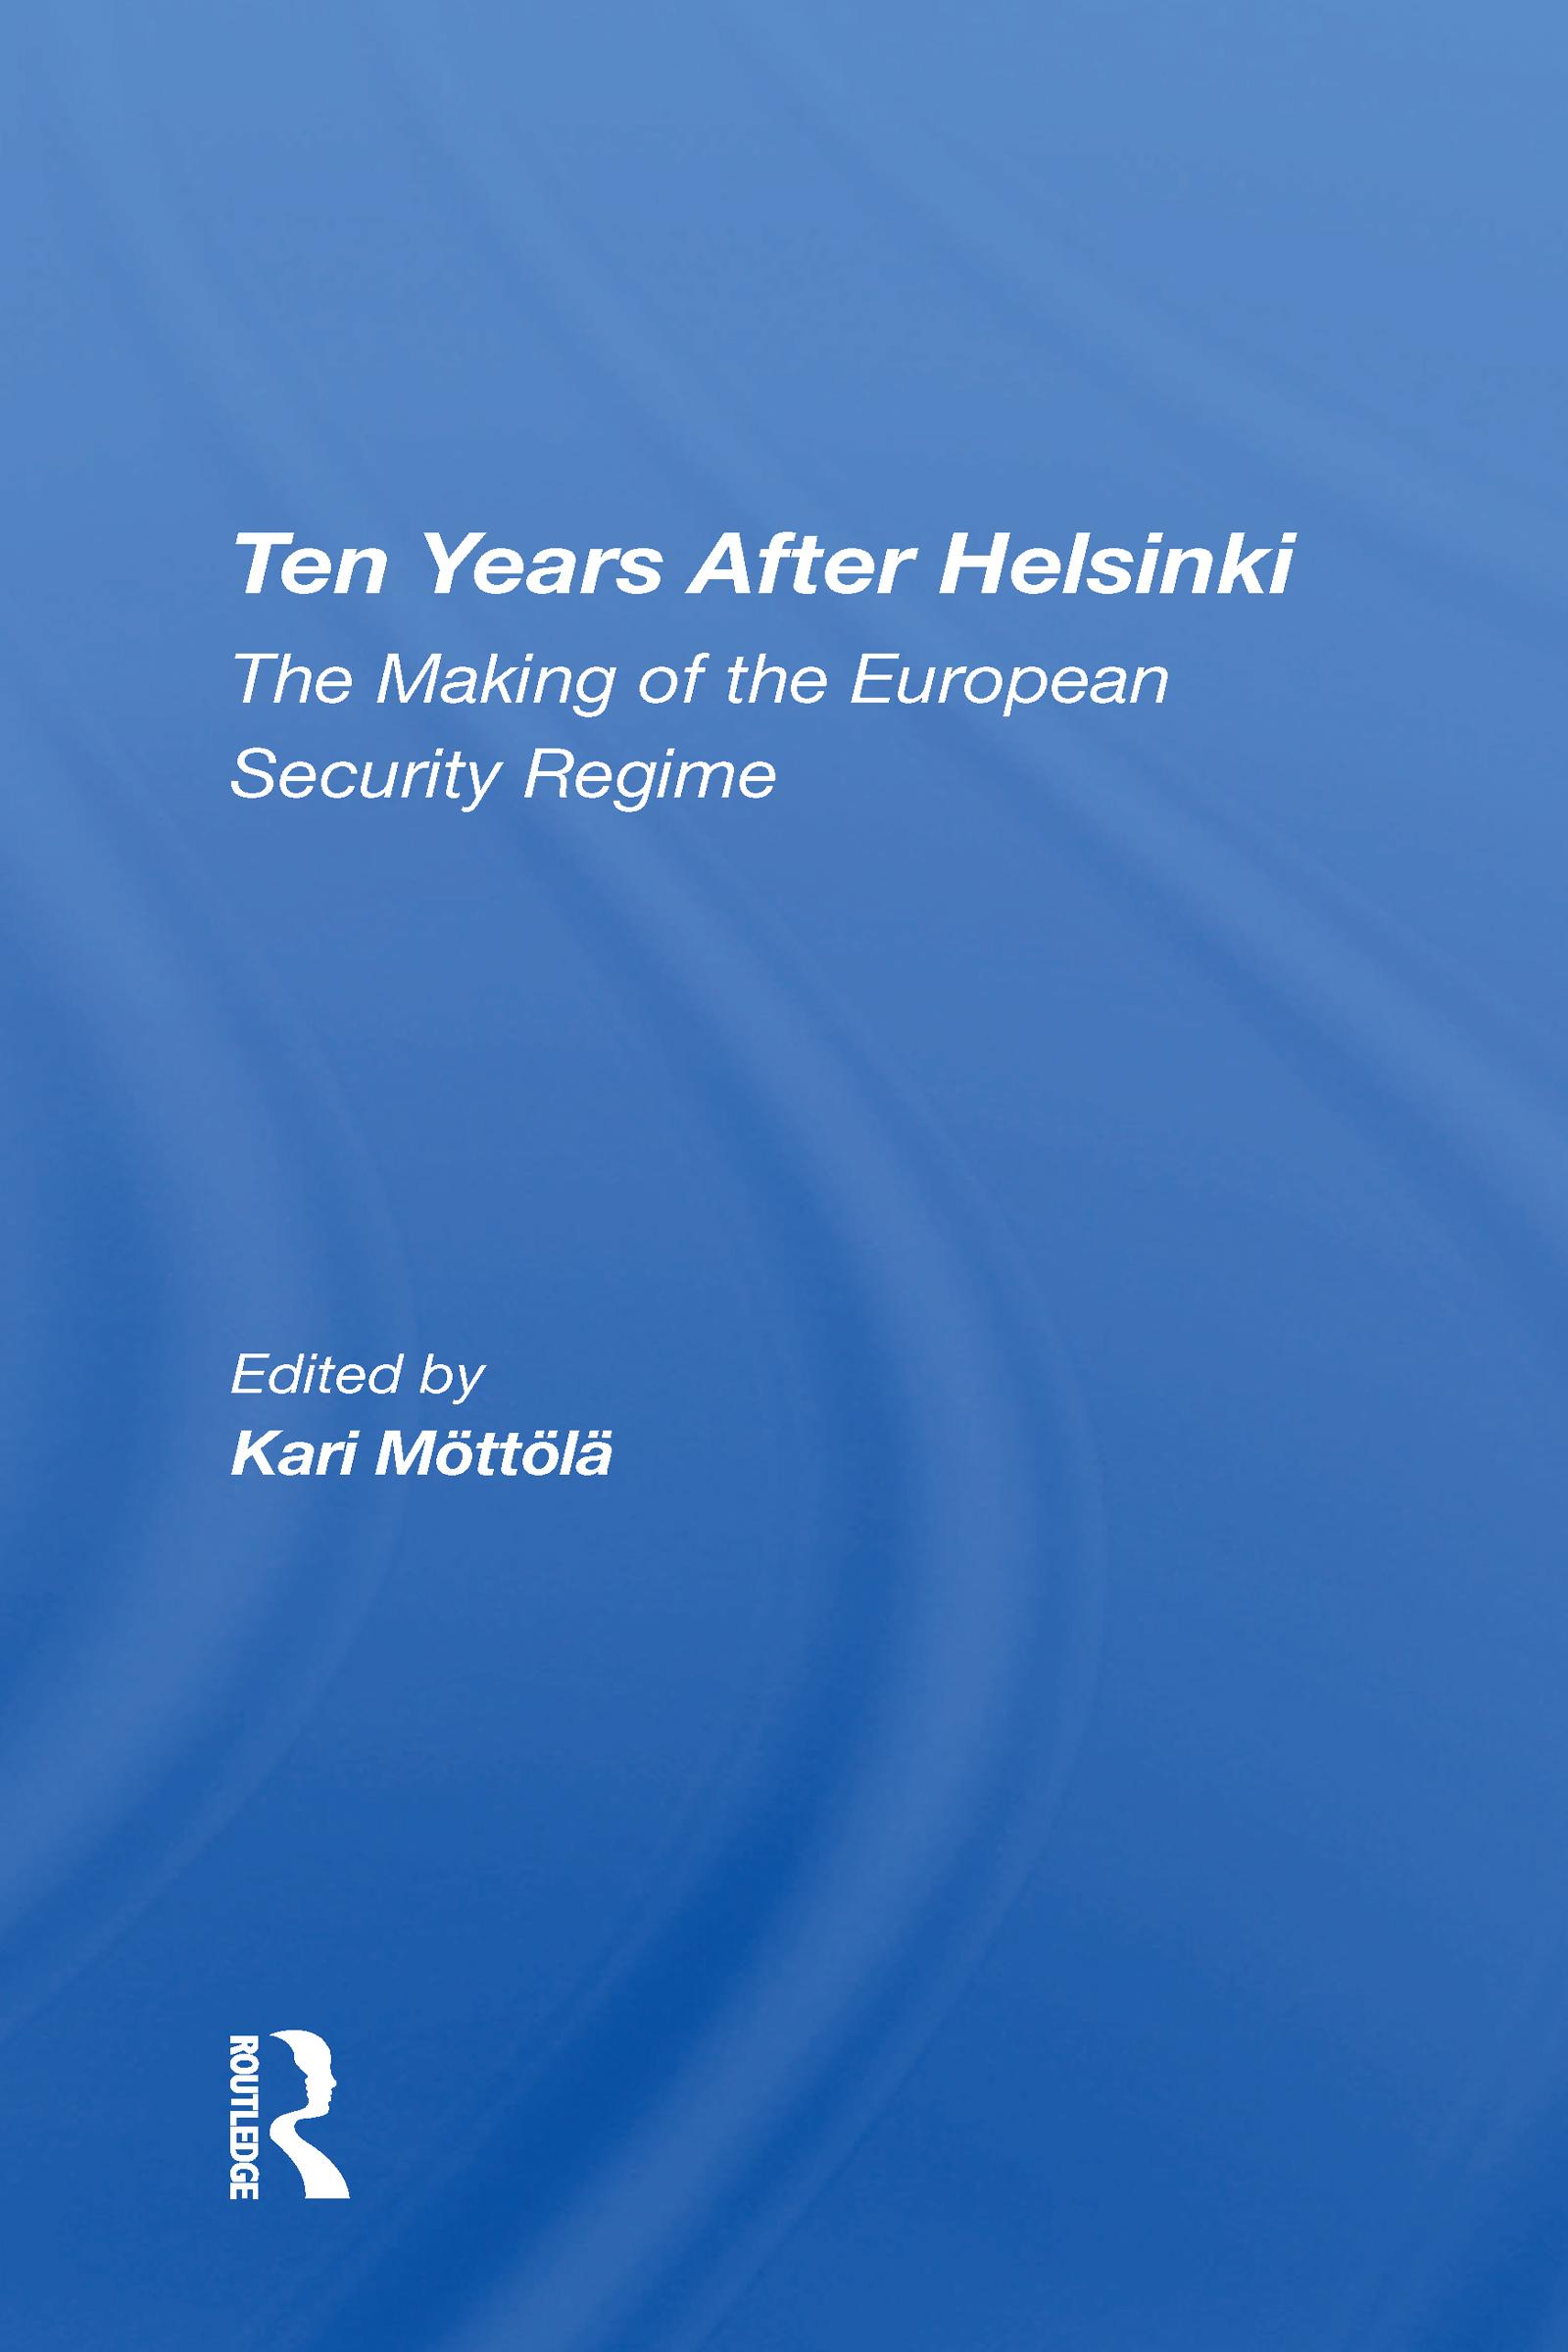 Ten Years After Helsinki